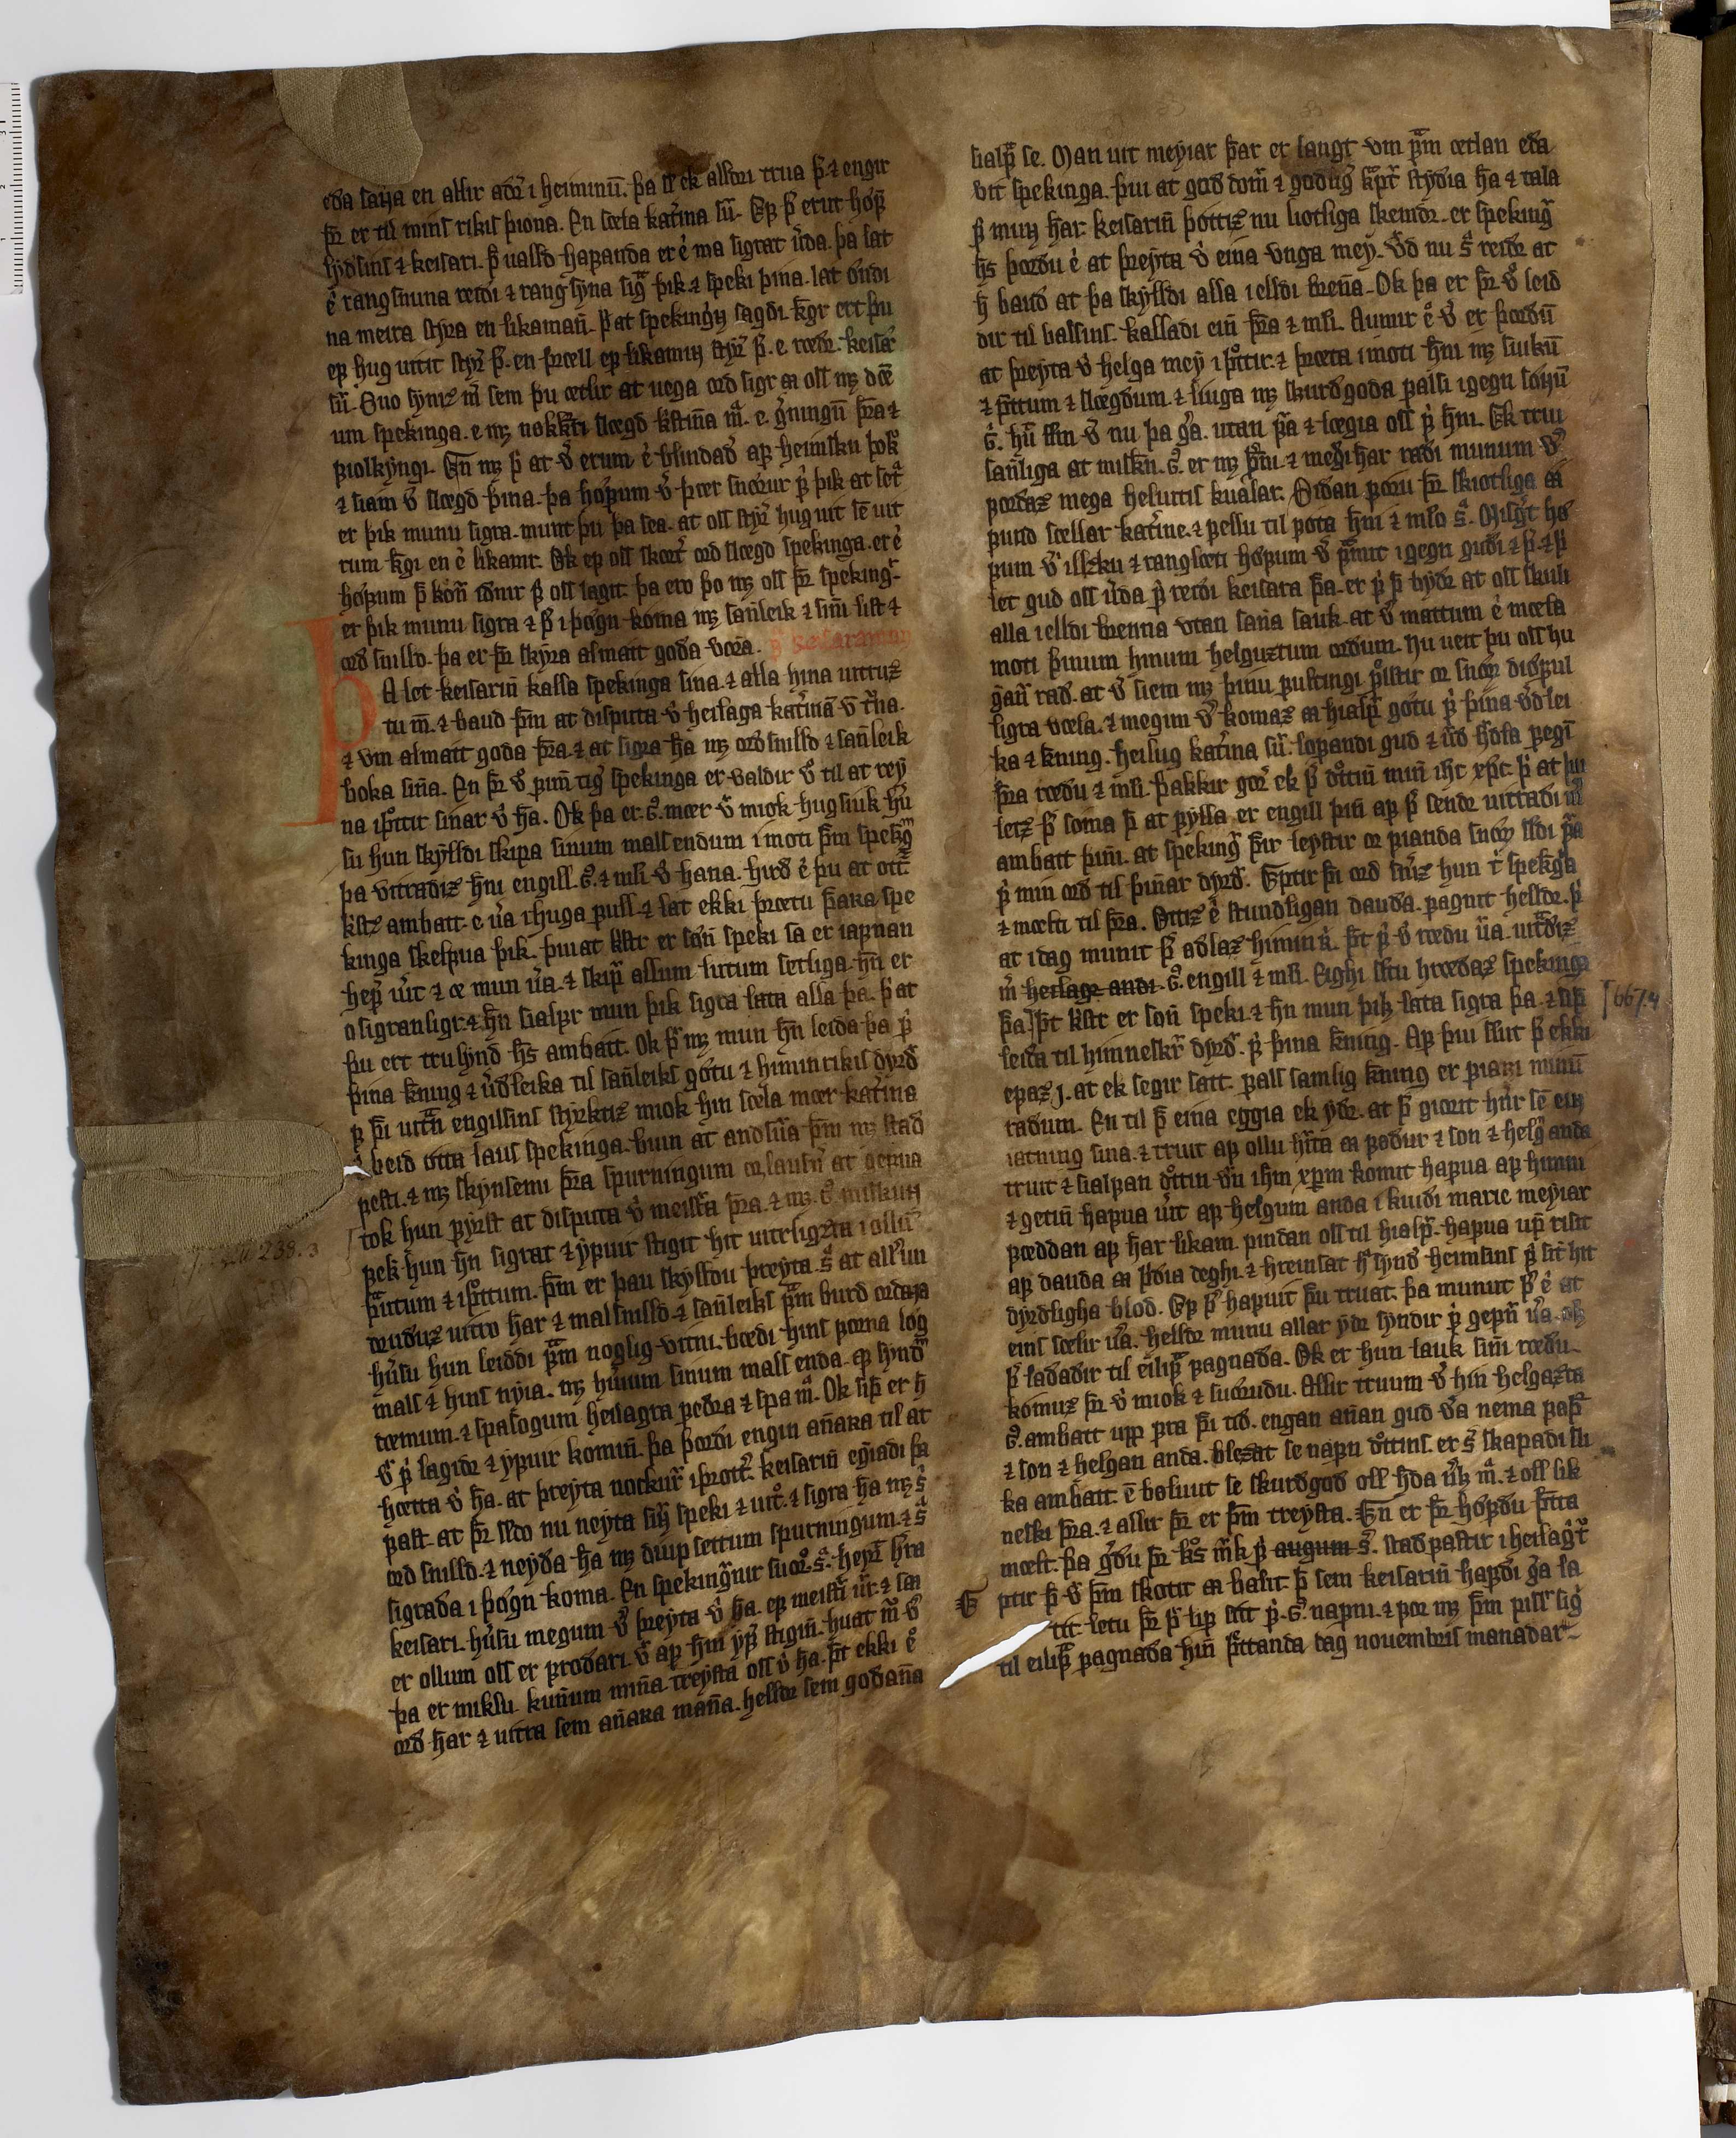 AM 233 a fol - 16v